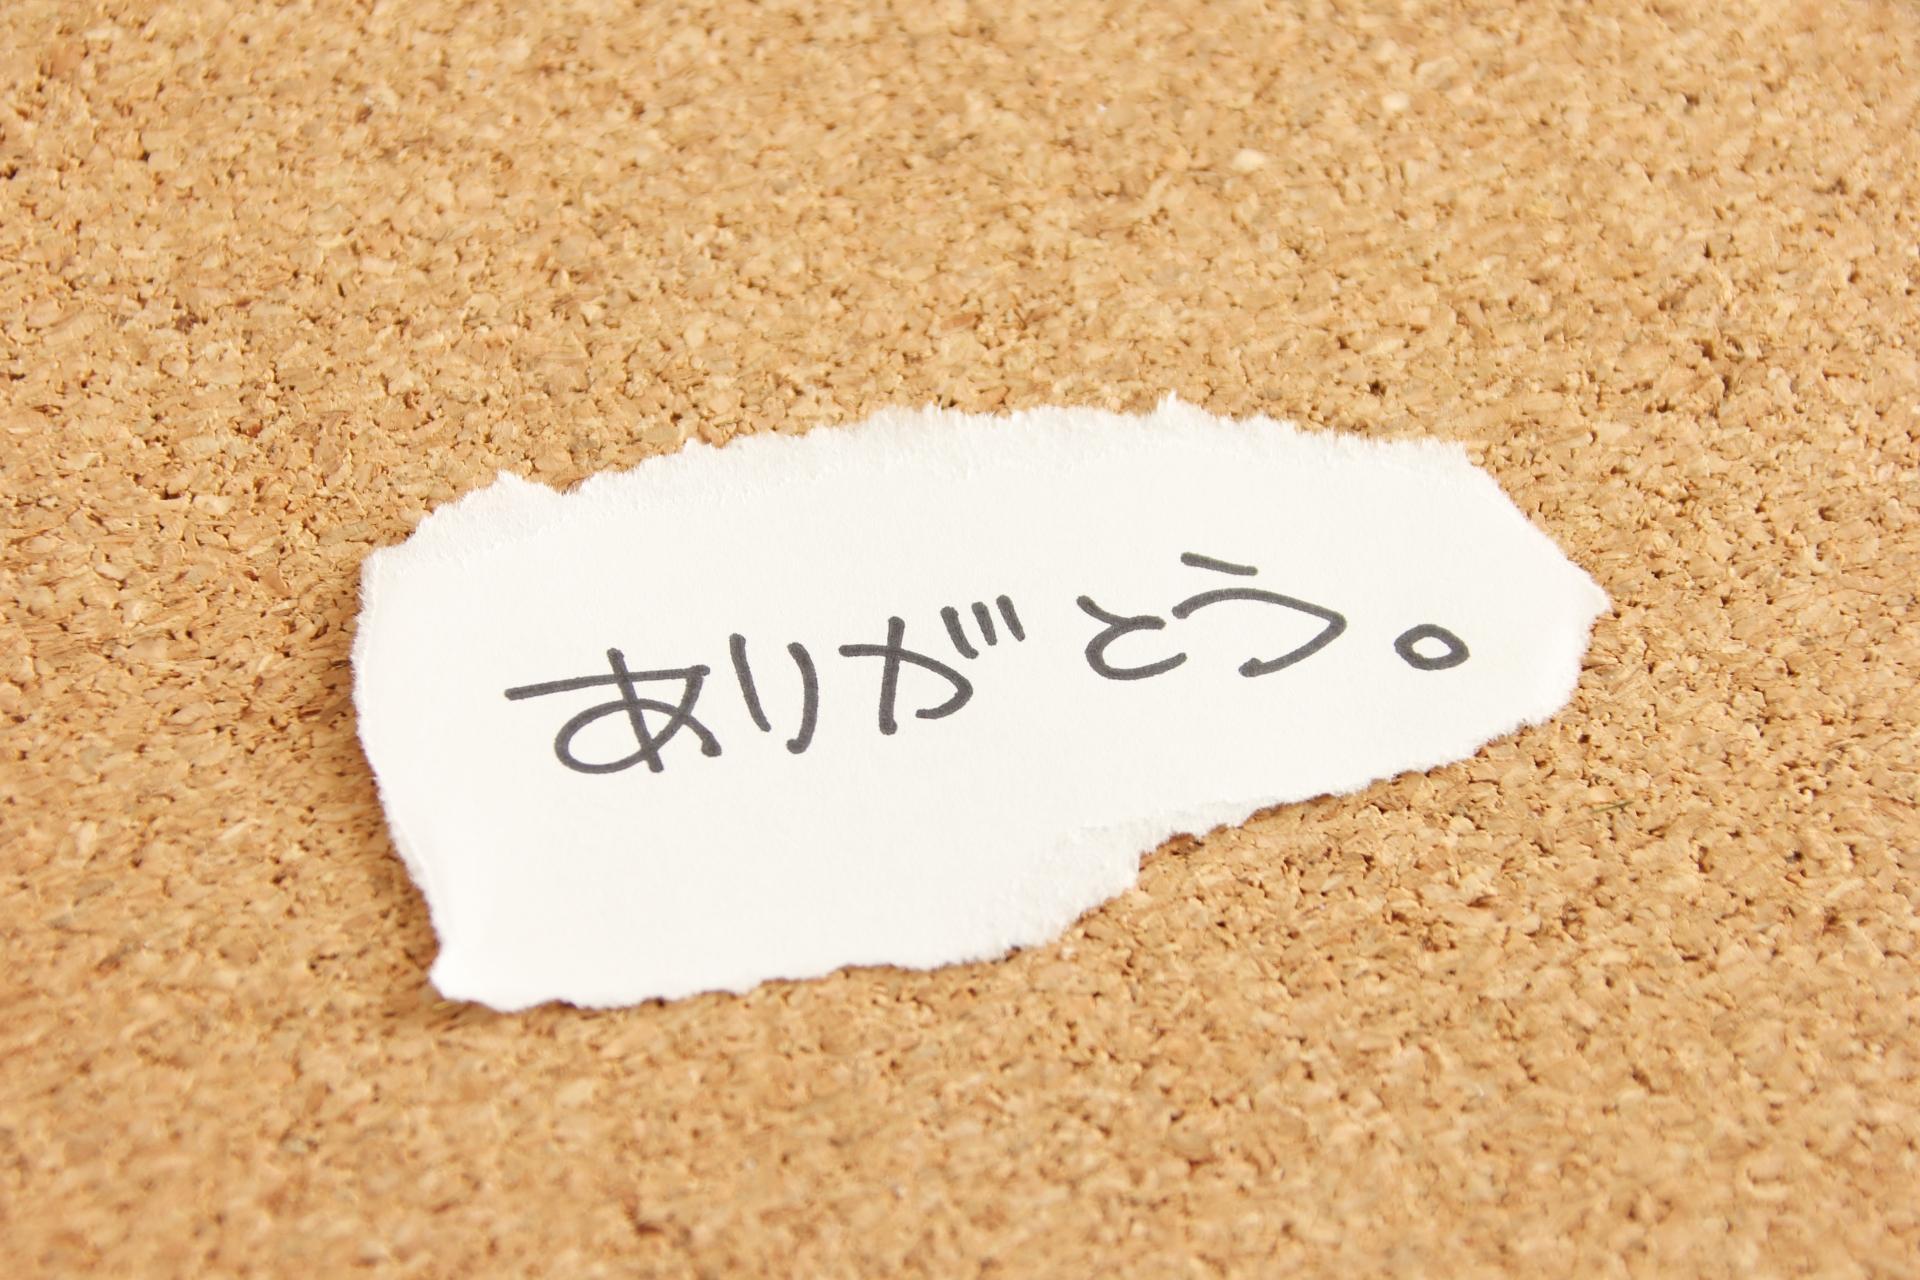 20471a06d08c3c721ea4c5b3e113c153 m - 癒しスタジアムIN大阪vol.59